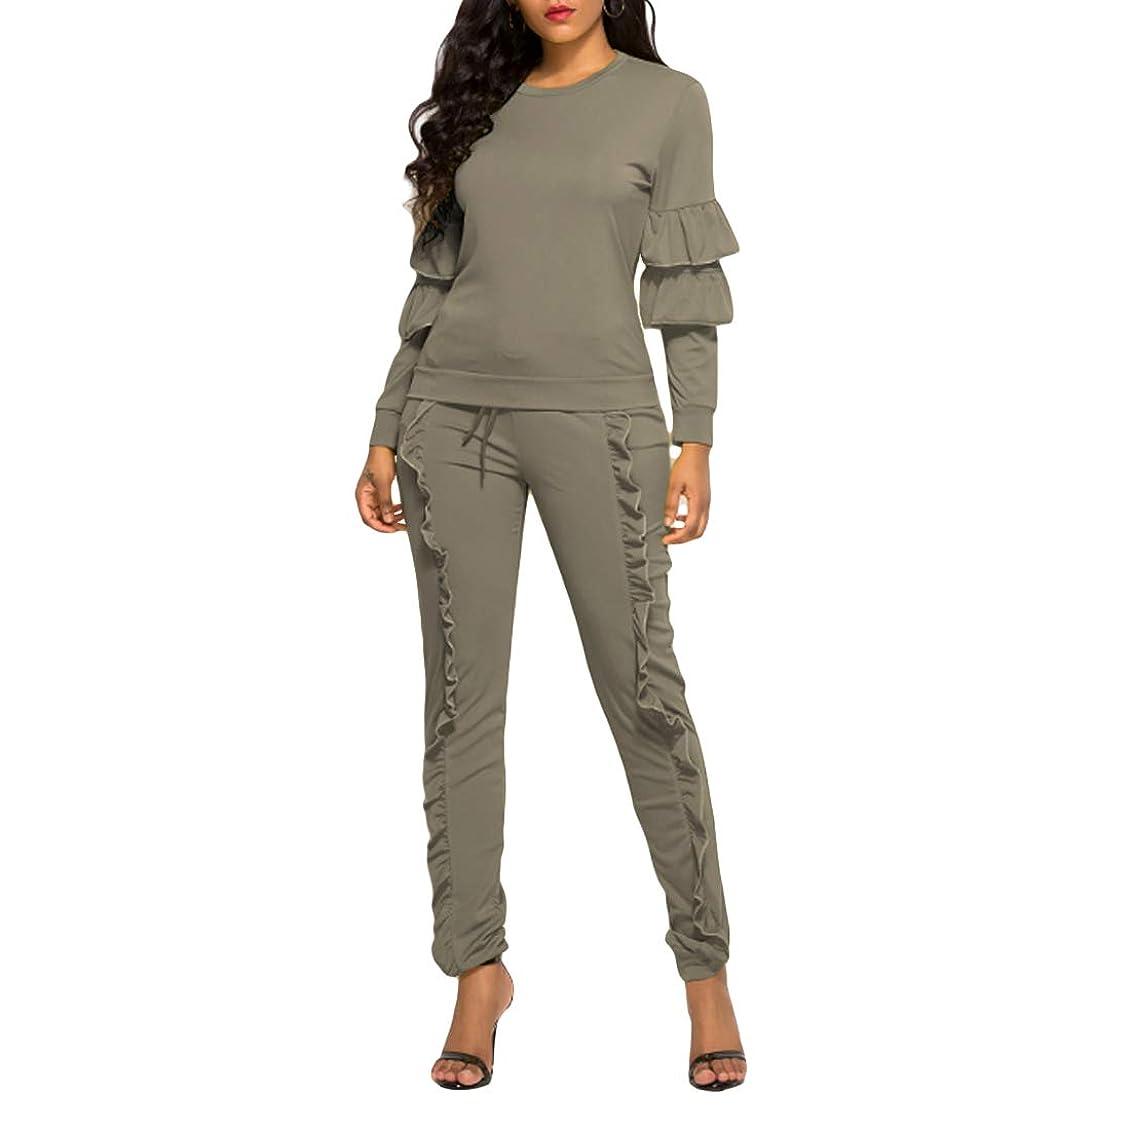 並外れたラボ重要な役割を果たす、中心的な手段となる女性 ツーピース 服装 フリルスリーブ スウェットシャツ ロングパンツ スポーツウェア